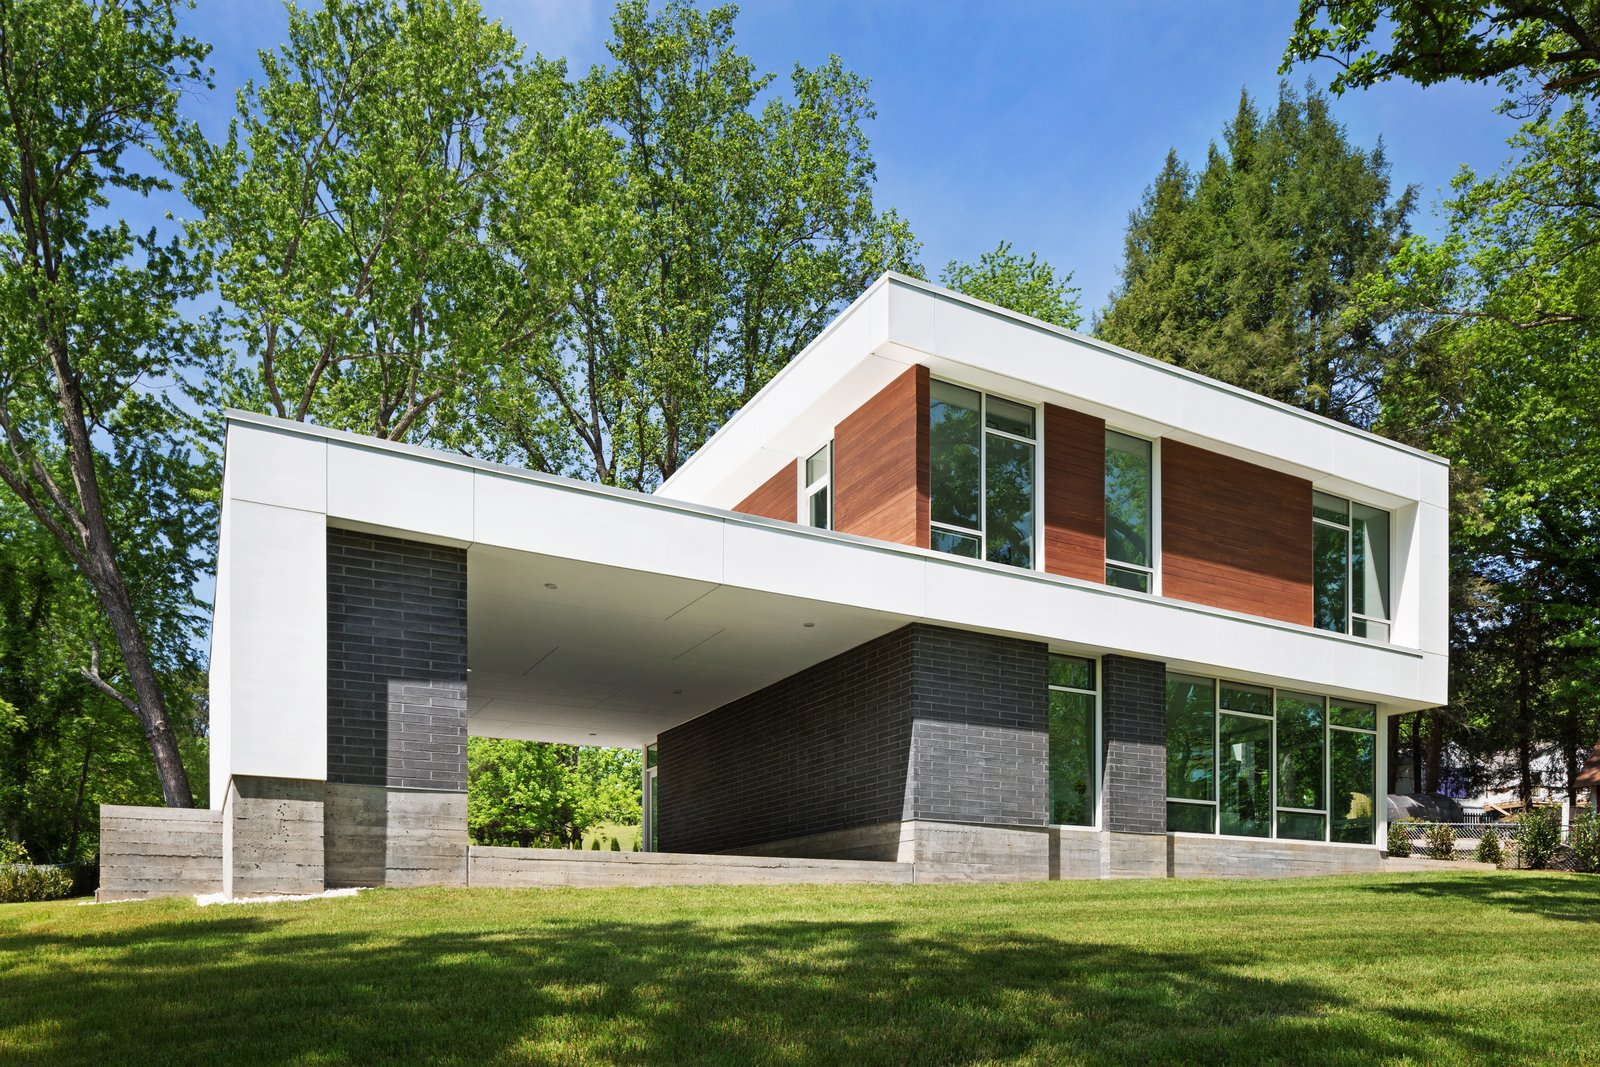 Boetger Residence by Chad Boetger